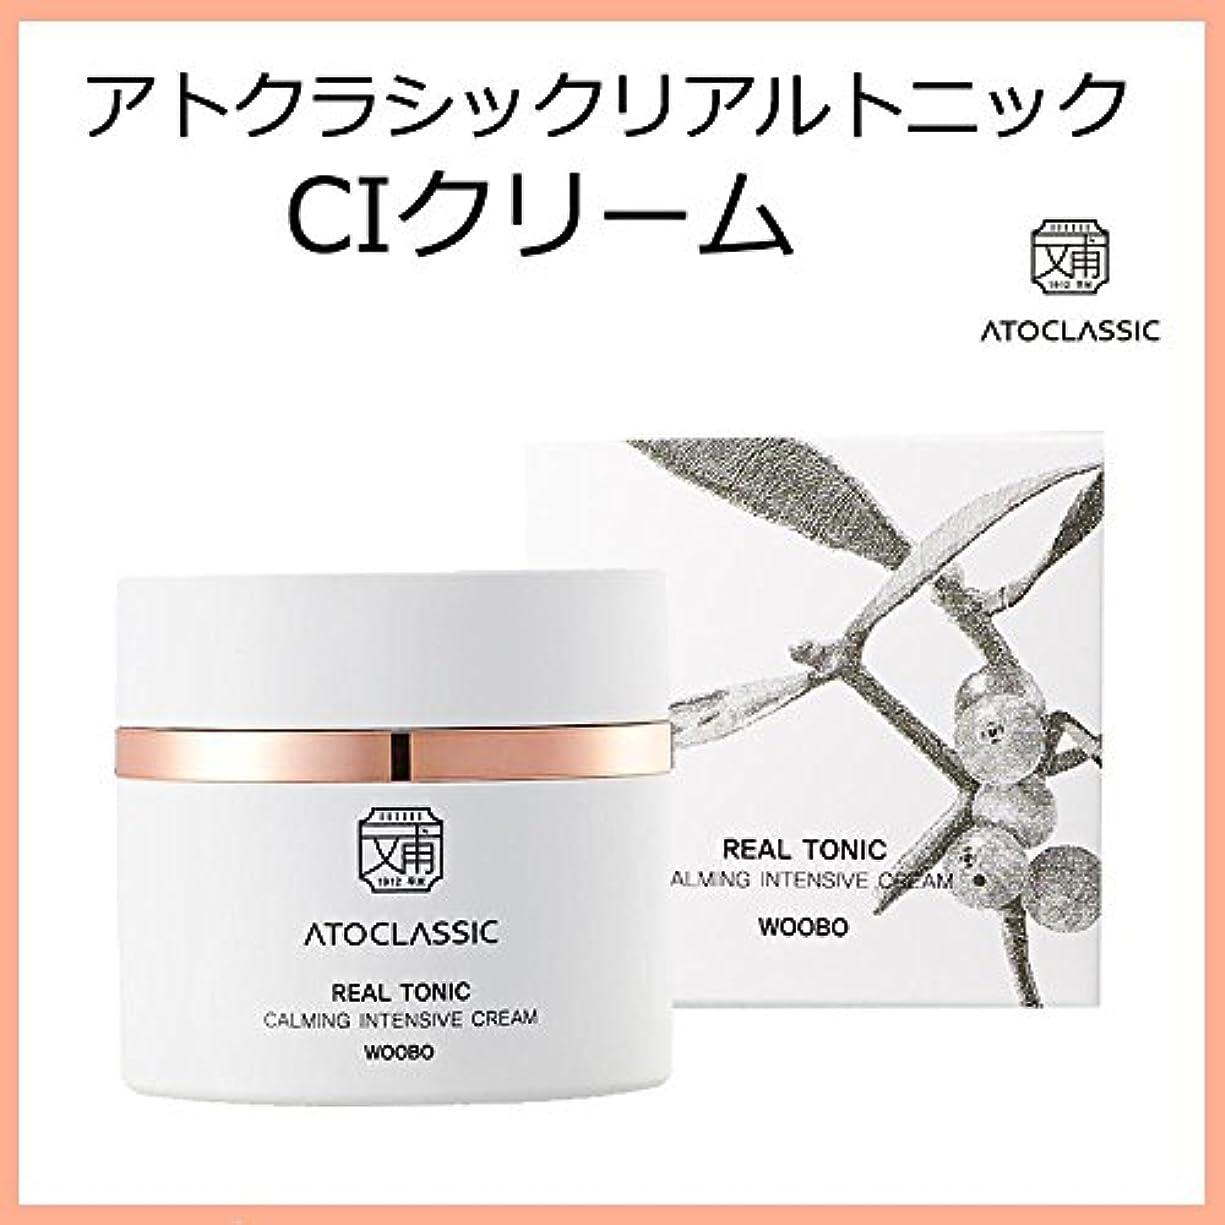 曲げる波胚芽韓国コスメ ATOCLASSIC アトクラシックリアルトニック CIクリーム(Calming Intensive Cream) 50ml